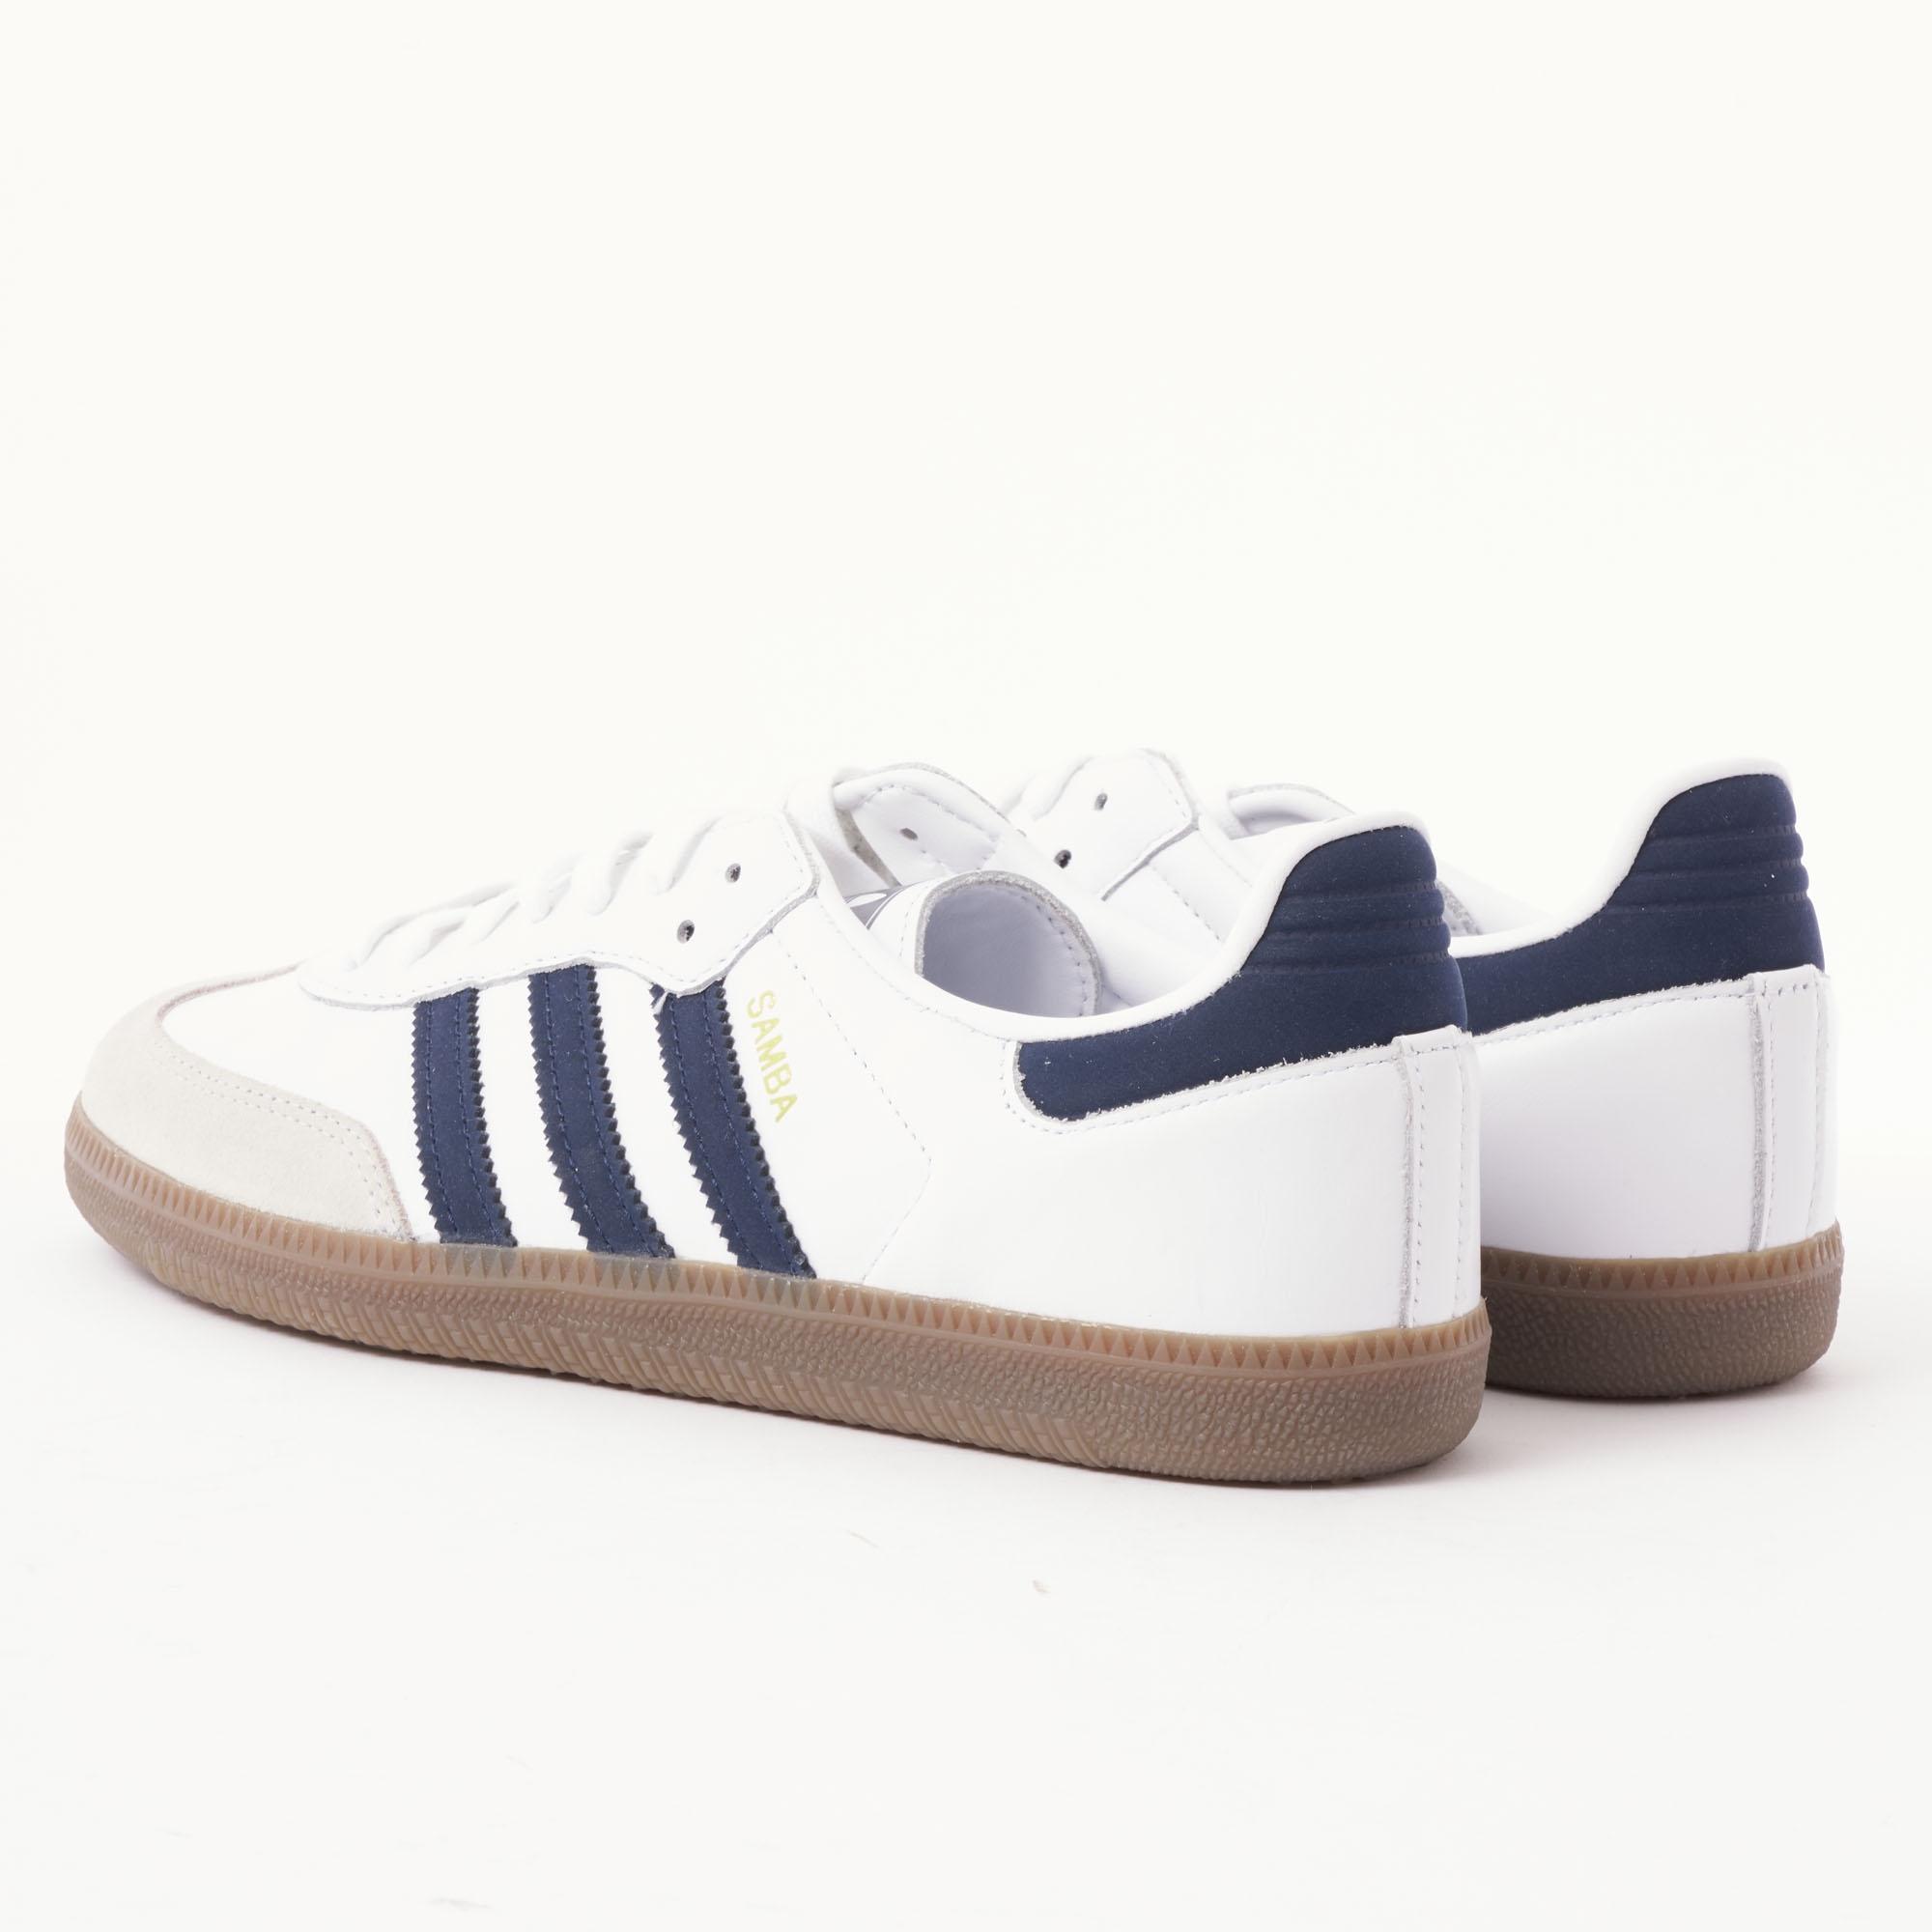 62903f6a1 adidas Originals Samba Og - White & Navy in White for Men - Lyst